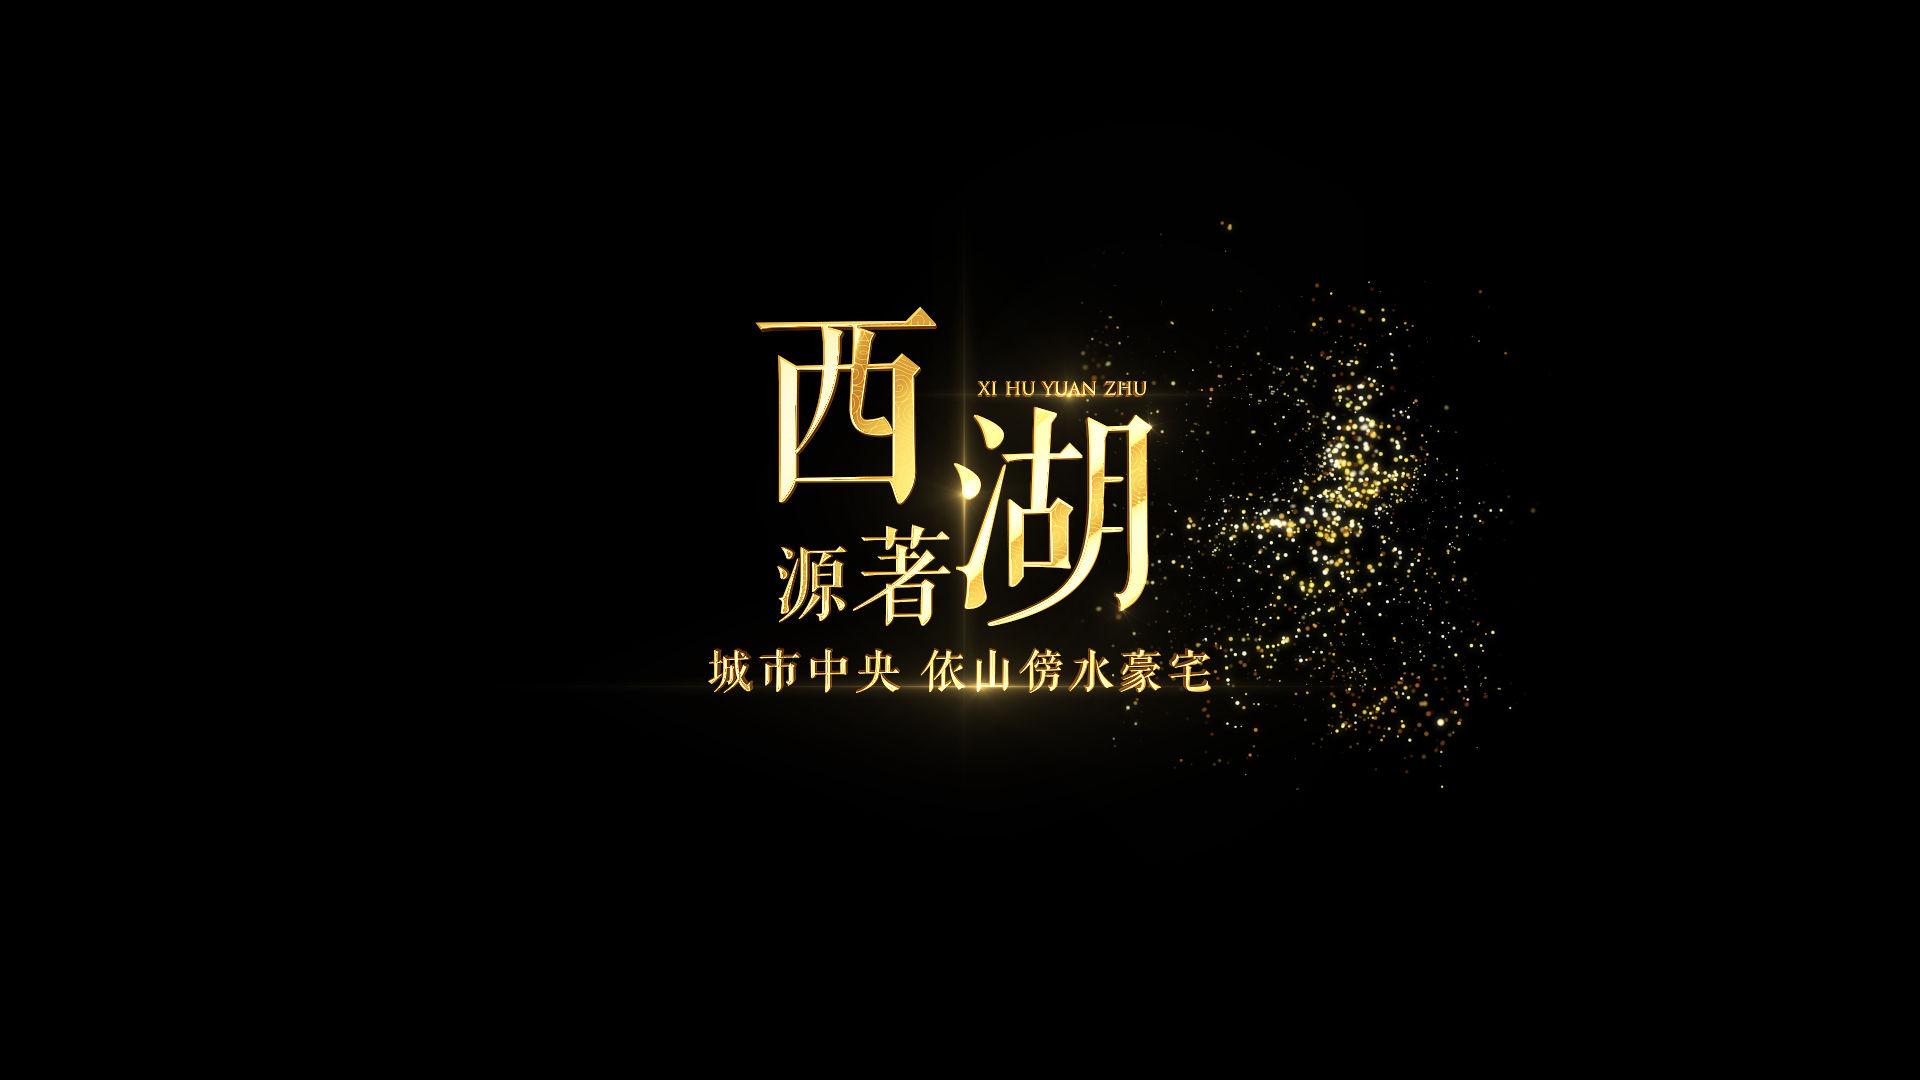 地产质感金色文字字幕